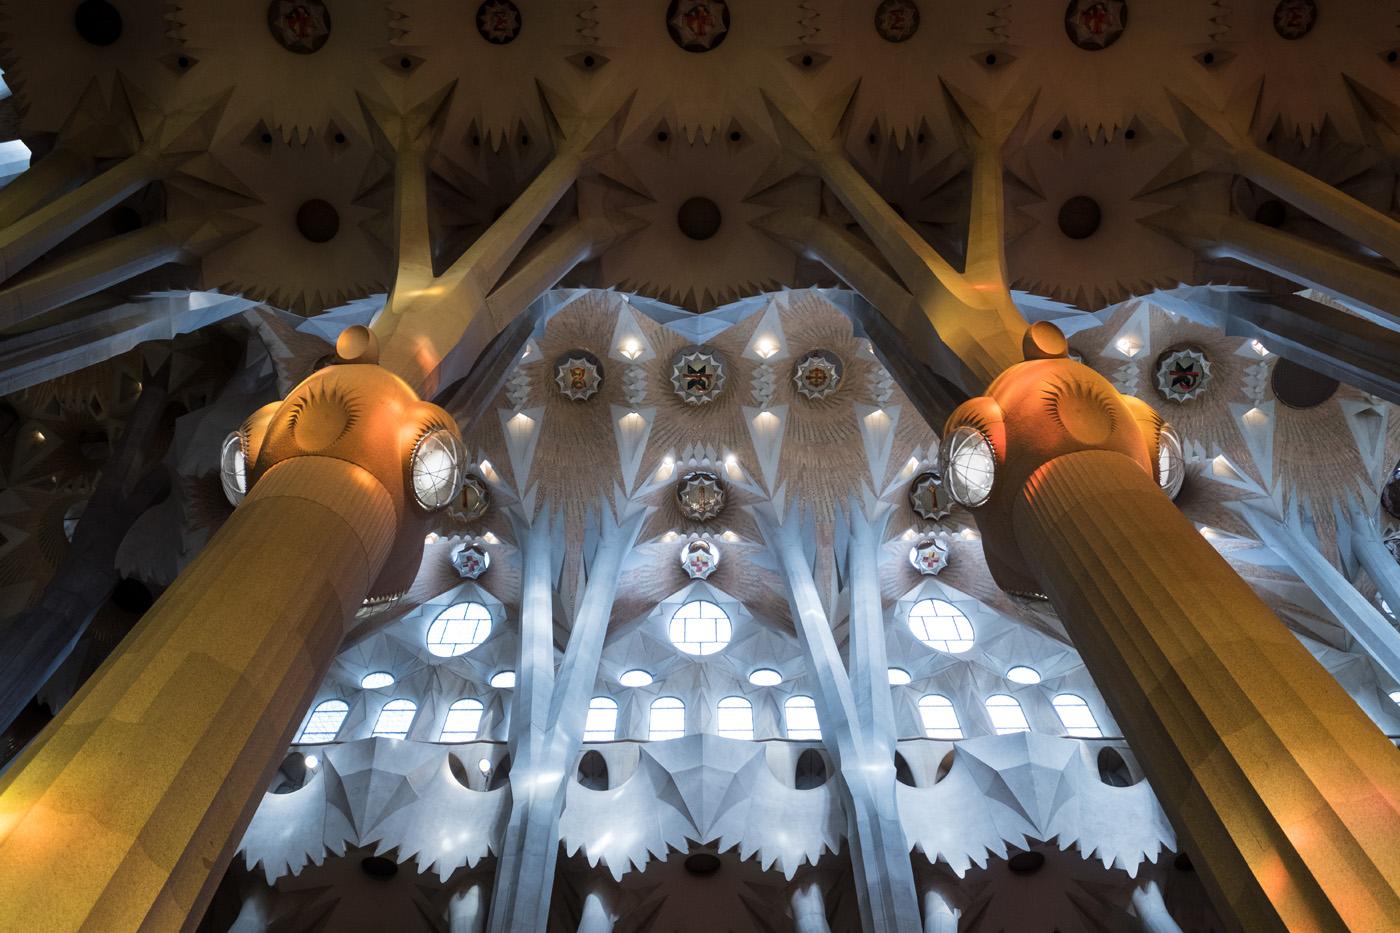 The Sagrada Familia #2